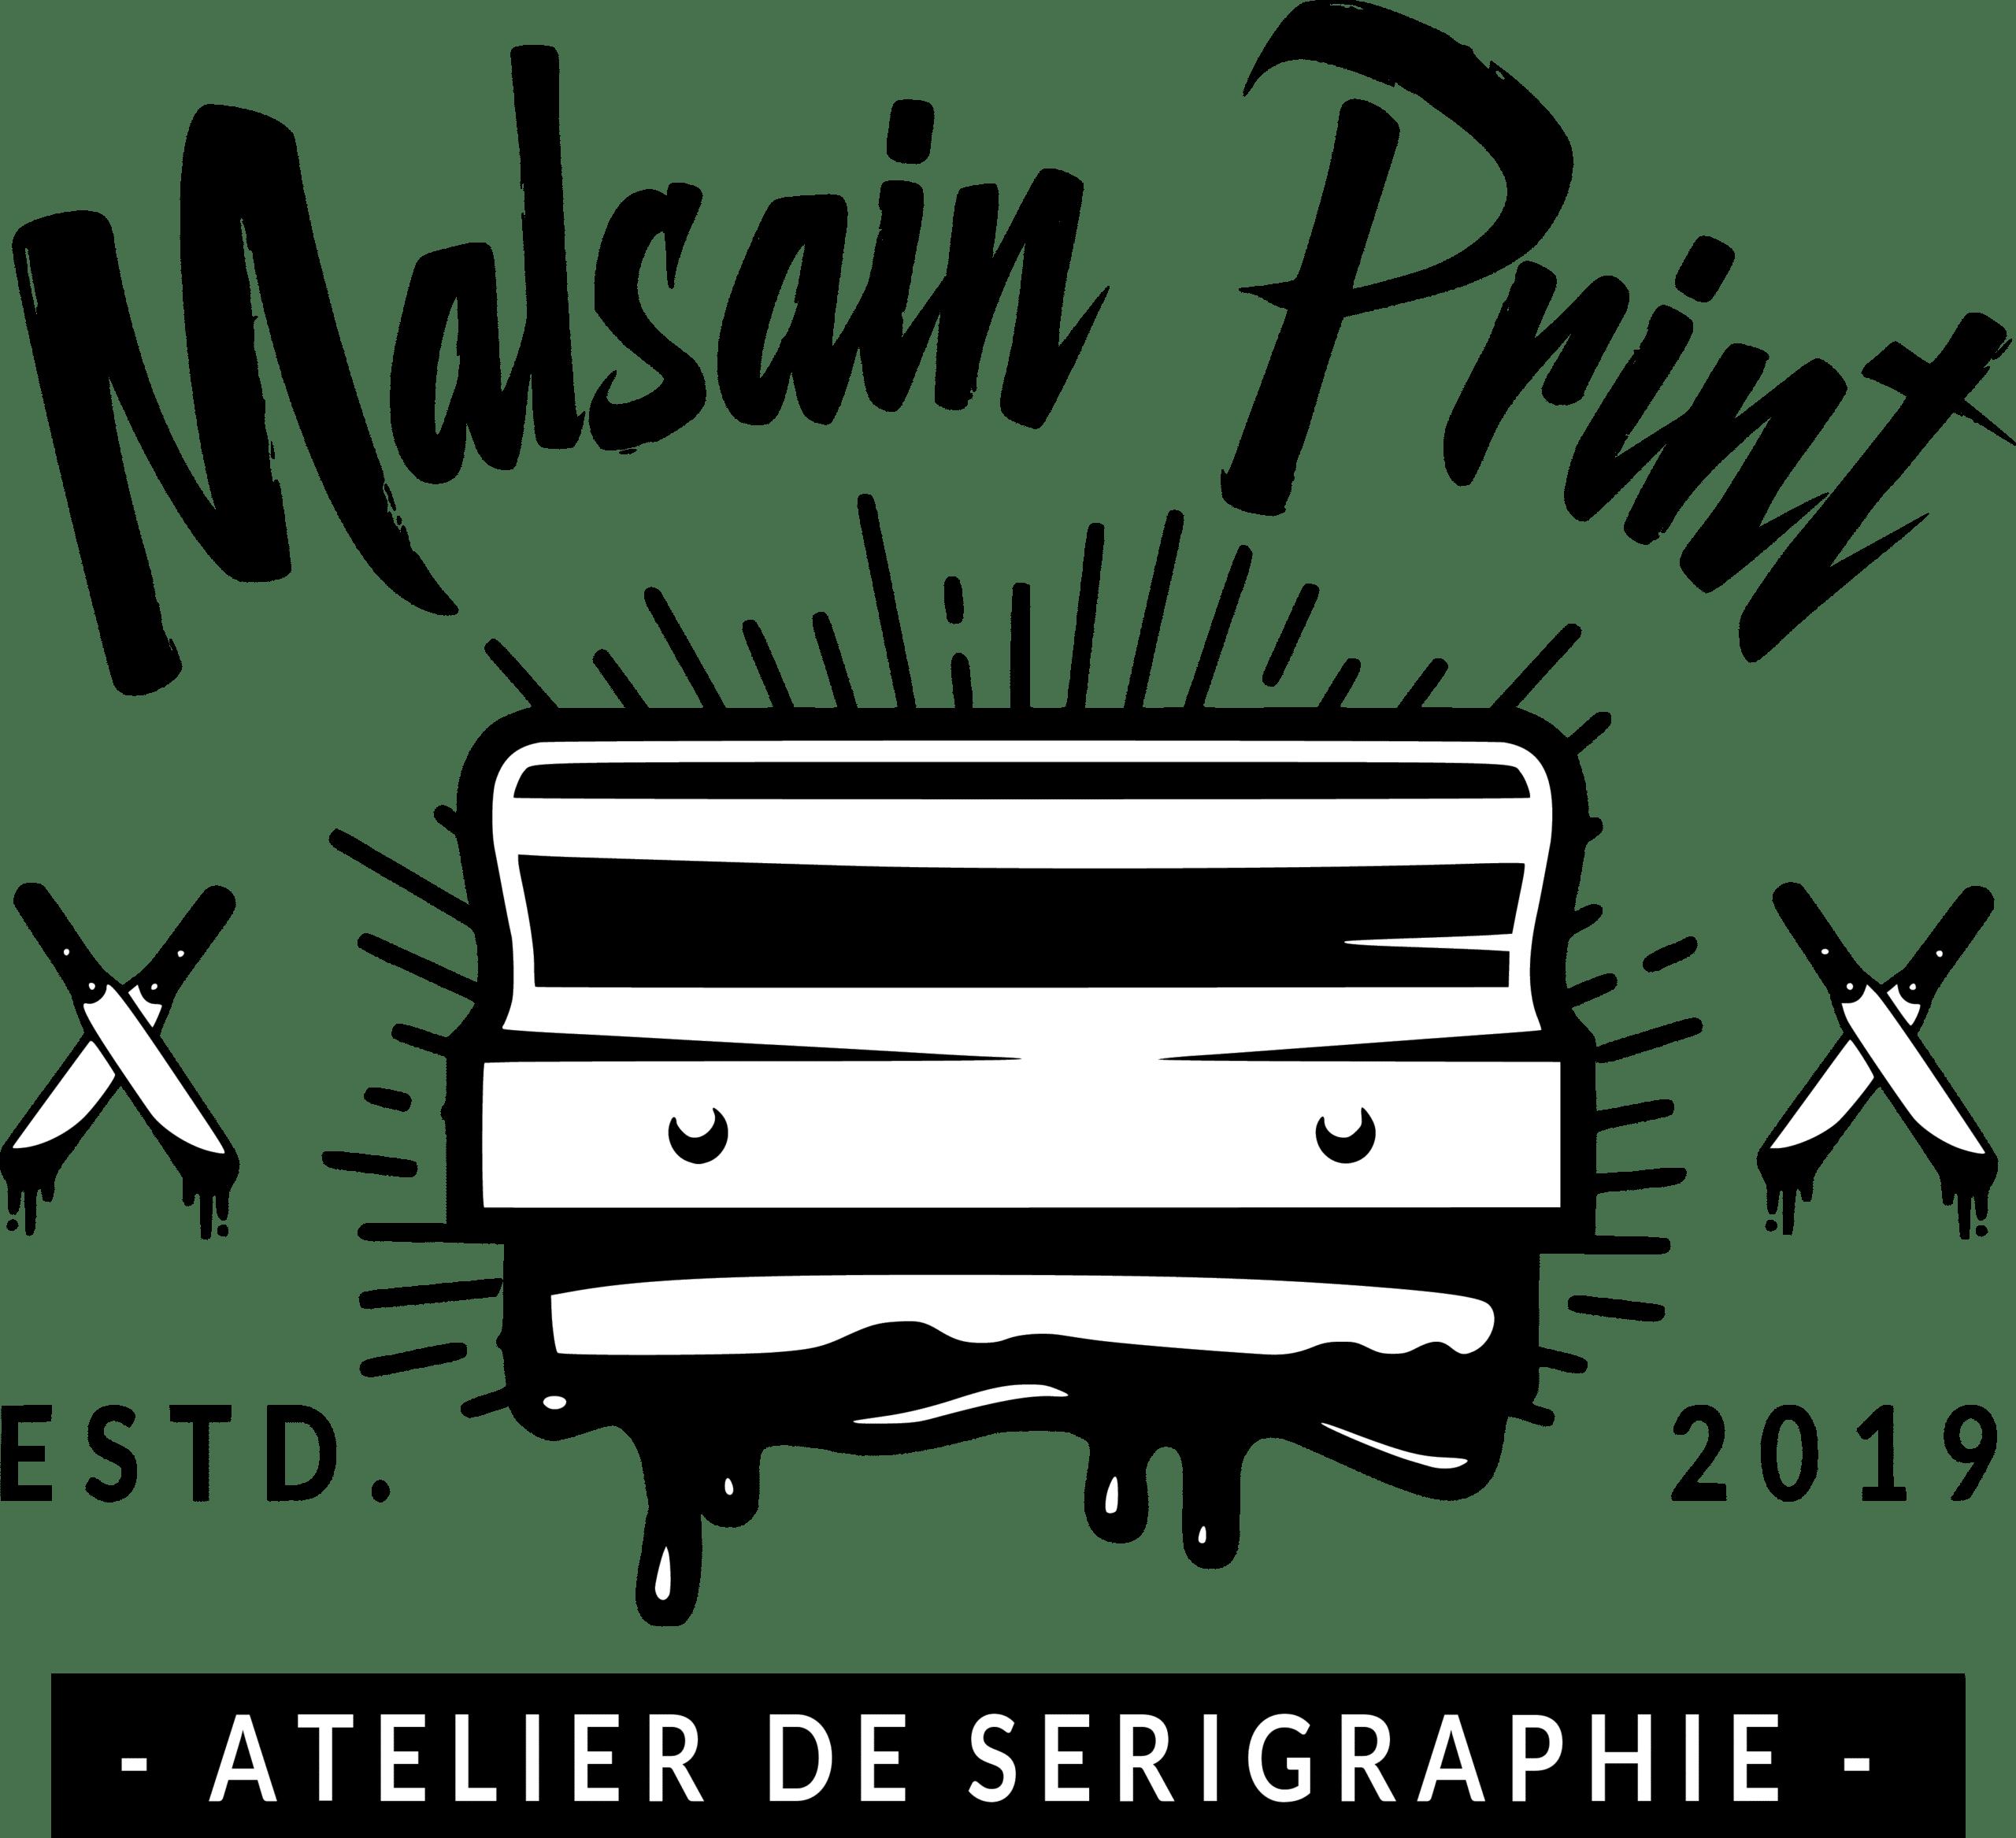 Malsain Print